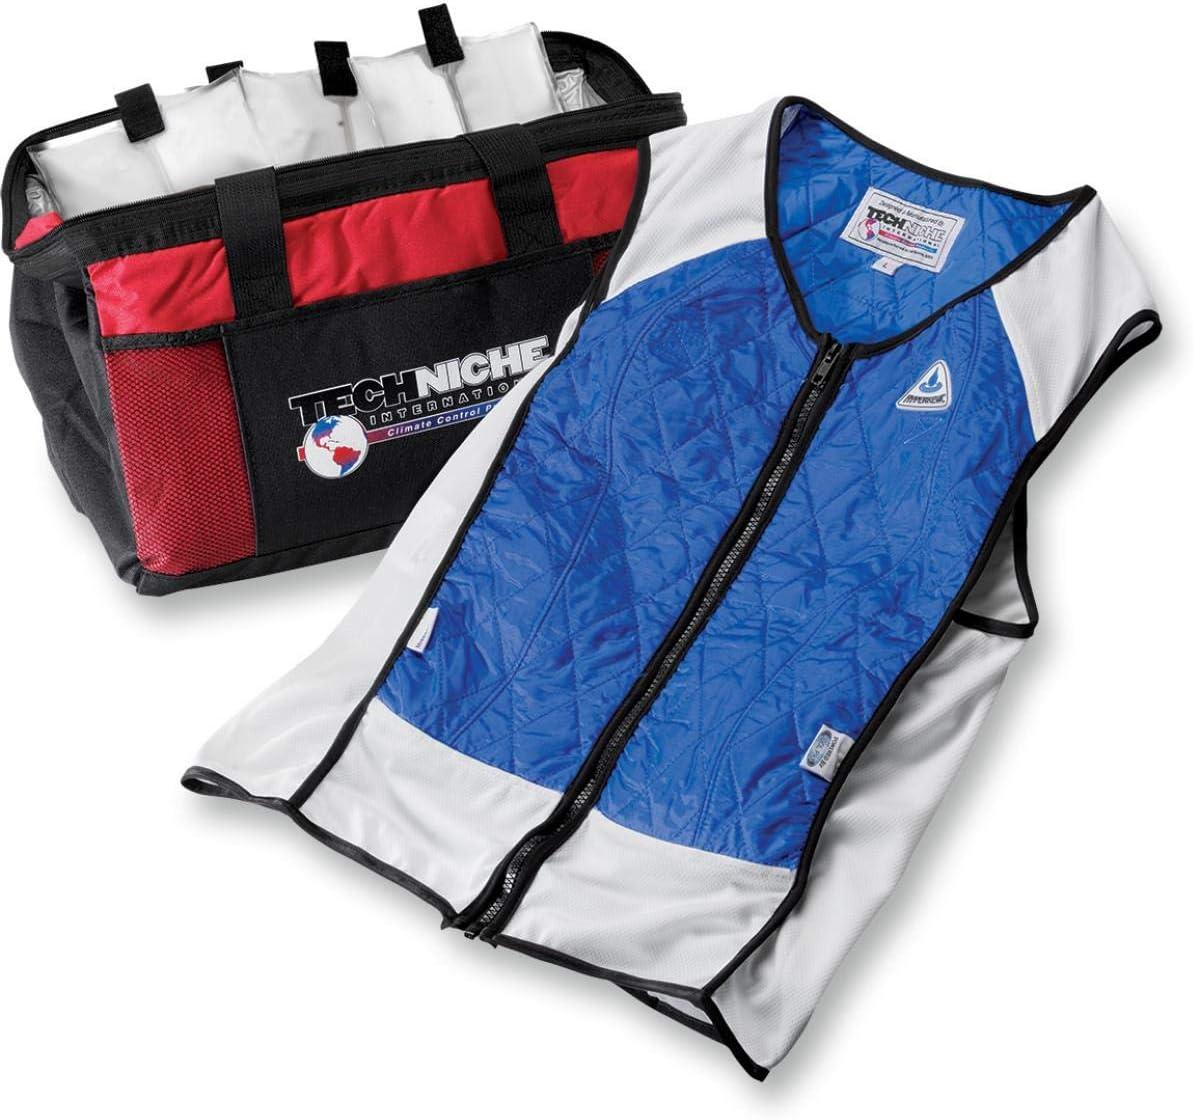 Techniche Hybrid Elite Sport Cooling Vest Blue XXL 4531BLXX